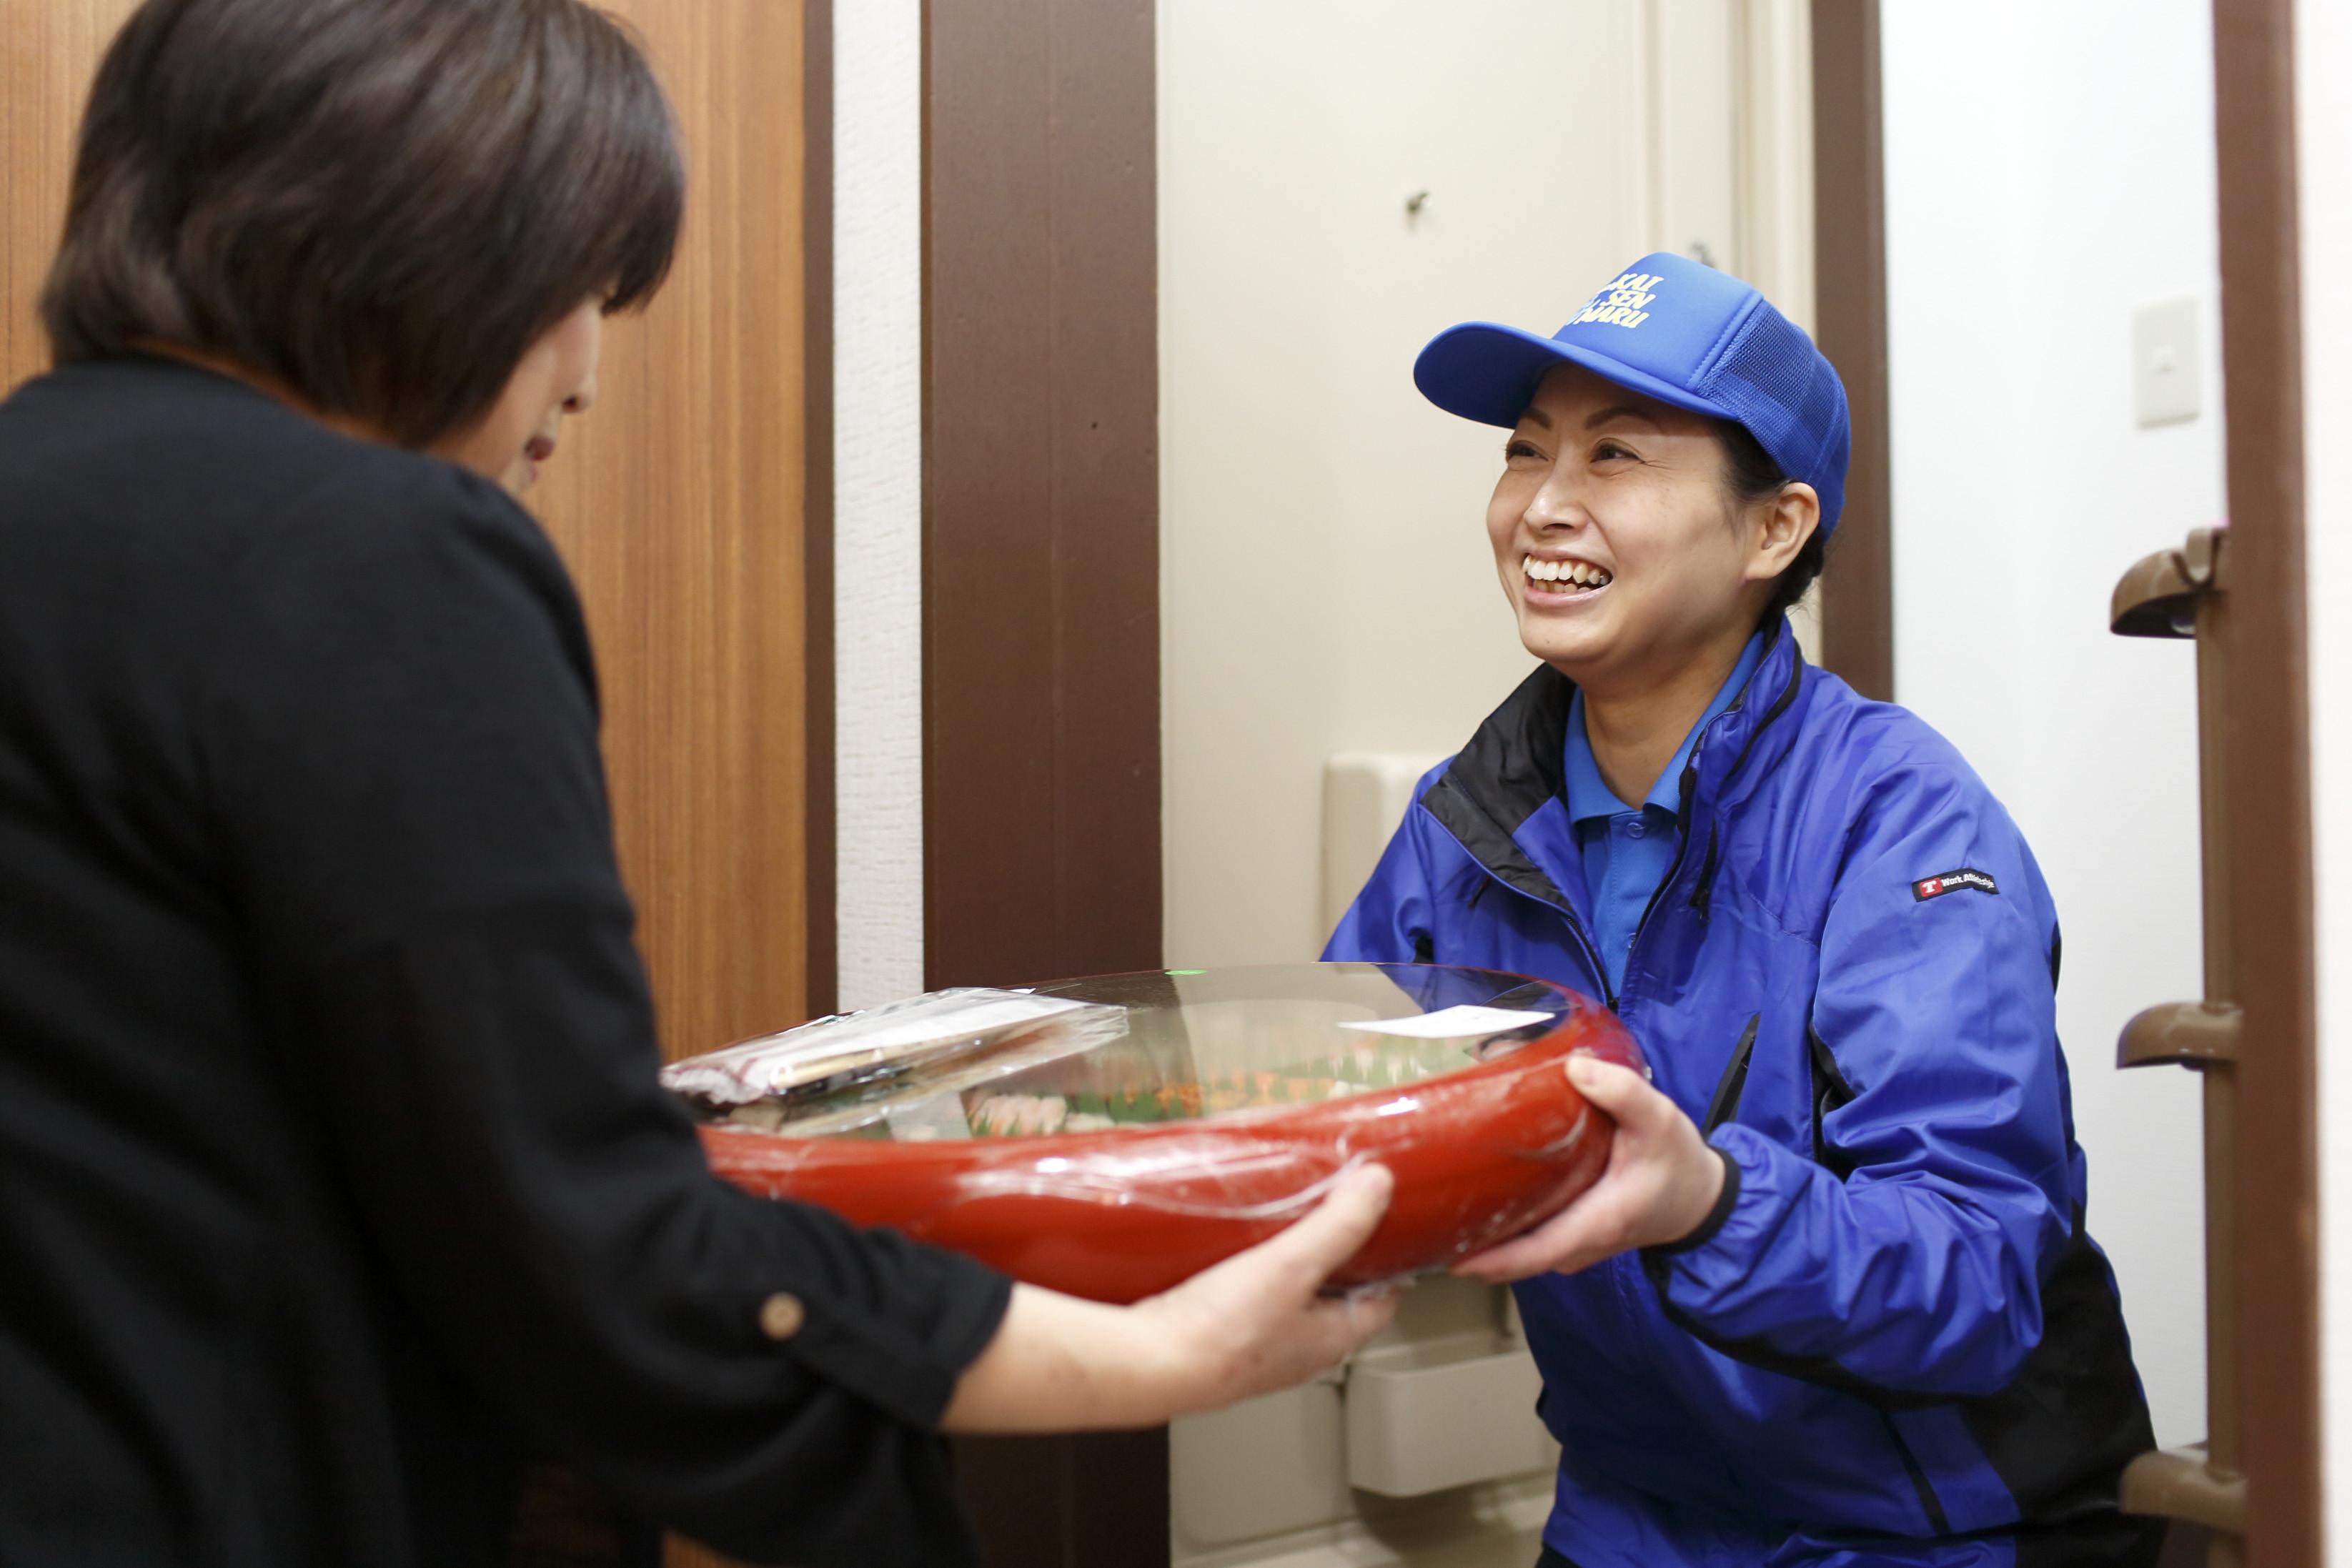 札幌海鮮丸 恵庭店 デリバリー(配達)スタッフのアルバイト情報